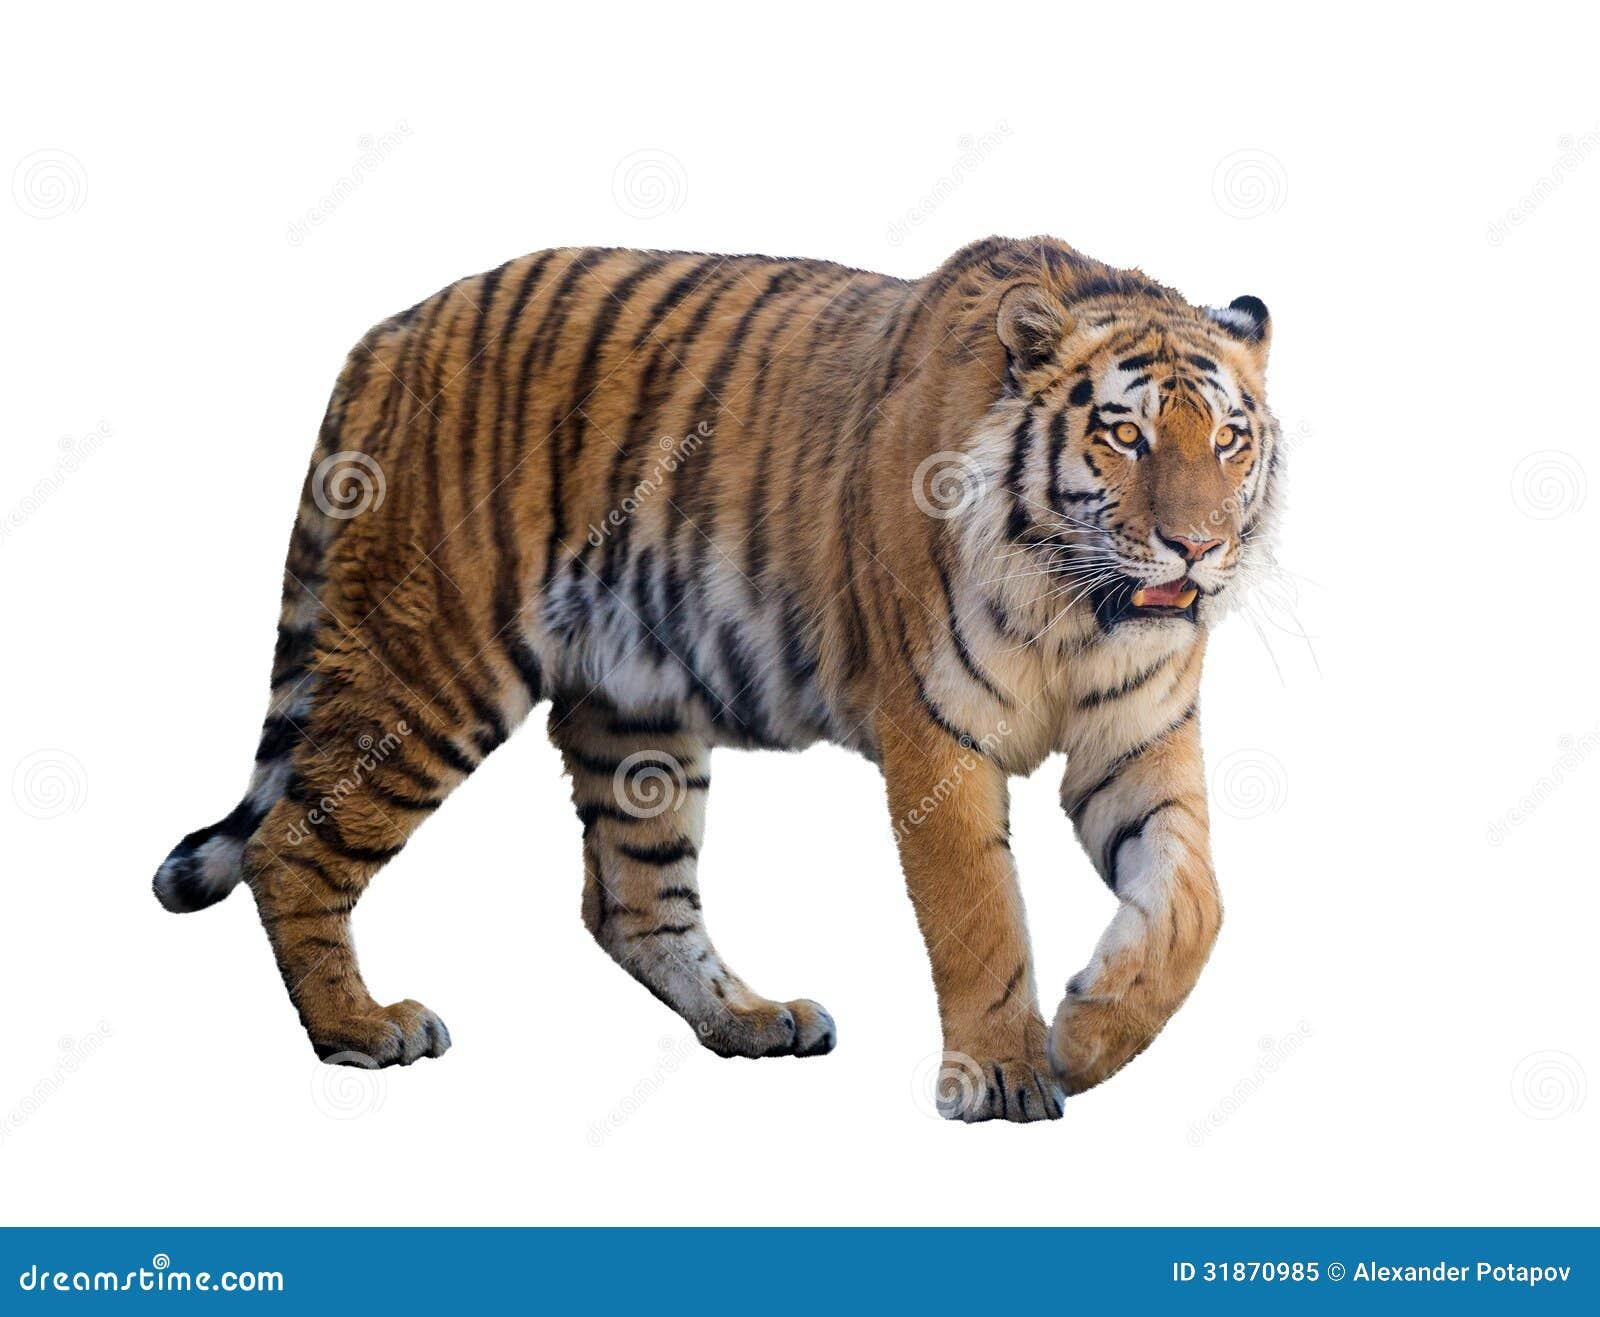 Wielki tygrys odizolowywający na bielu